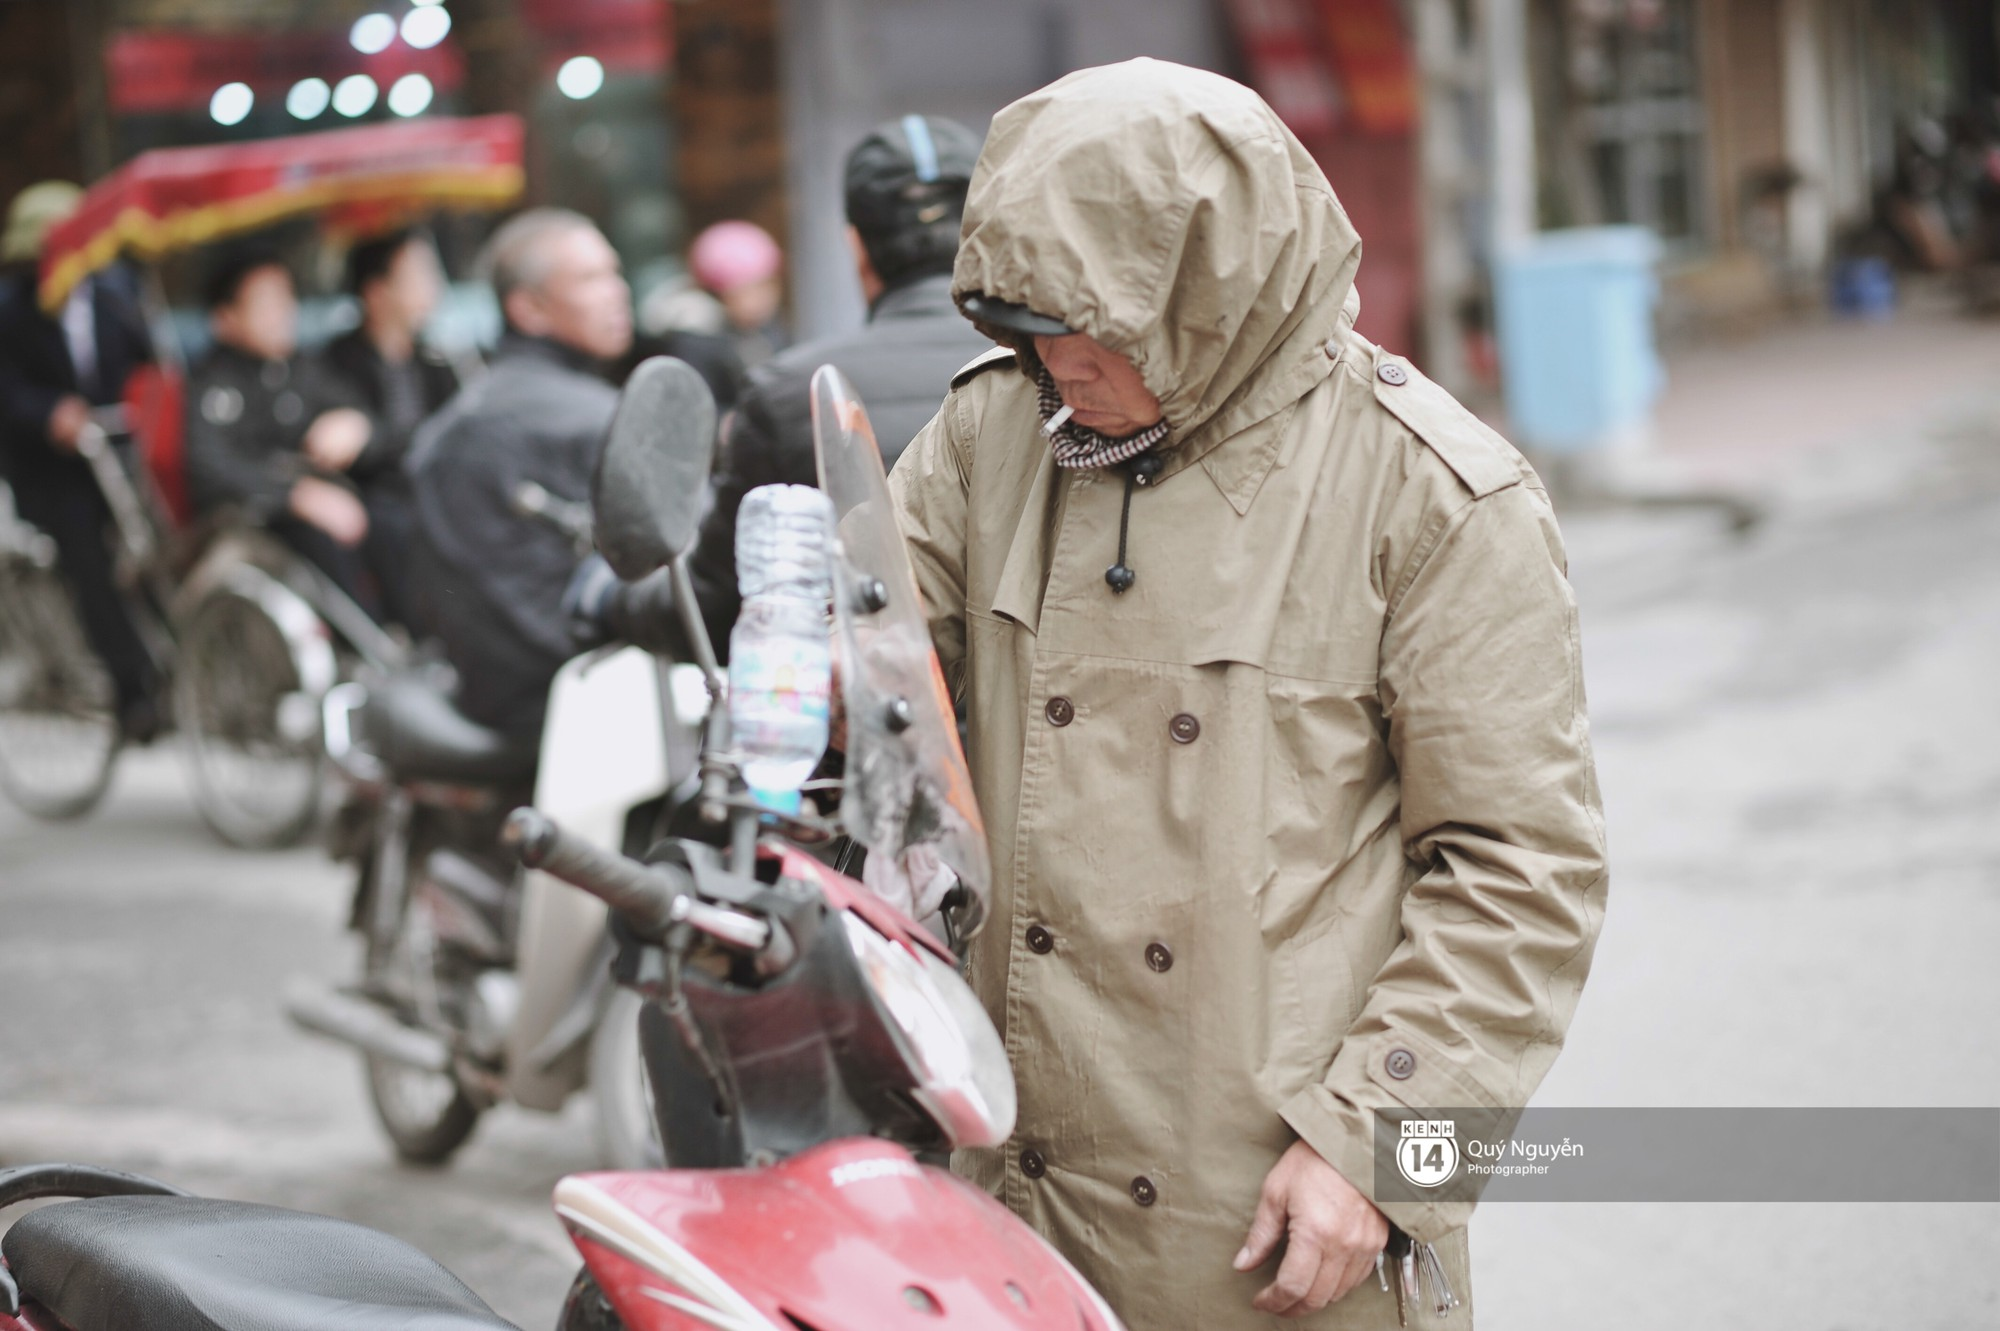 Chùm ảnh: Hà Nội giá rét 10 độ, một chiếc thùng carton hay manh áo mưa cũng khiến người lao động nghèo ấm hơn - Ảnh 5.